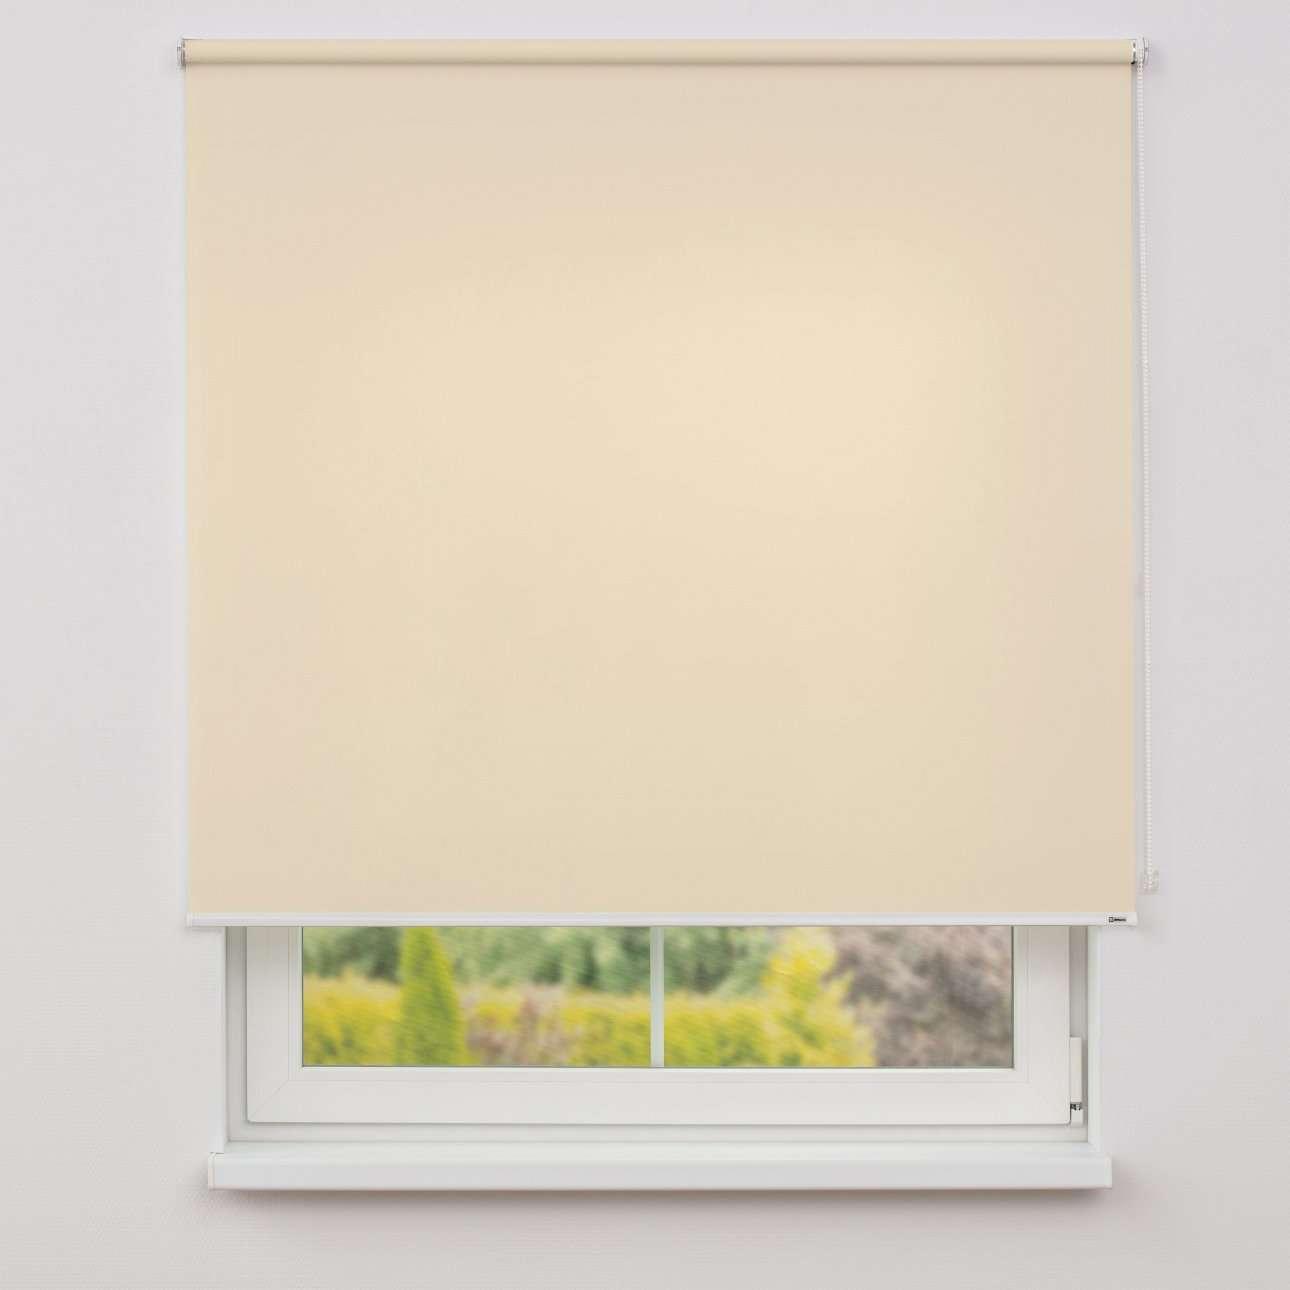 Roller blind în colecție Jaluzele tip rolete transparente, țesătură: 4996